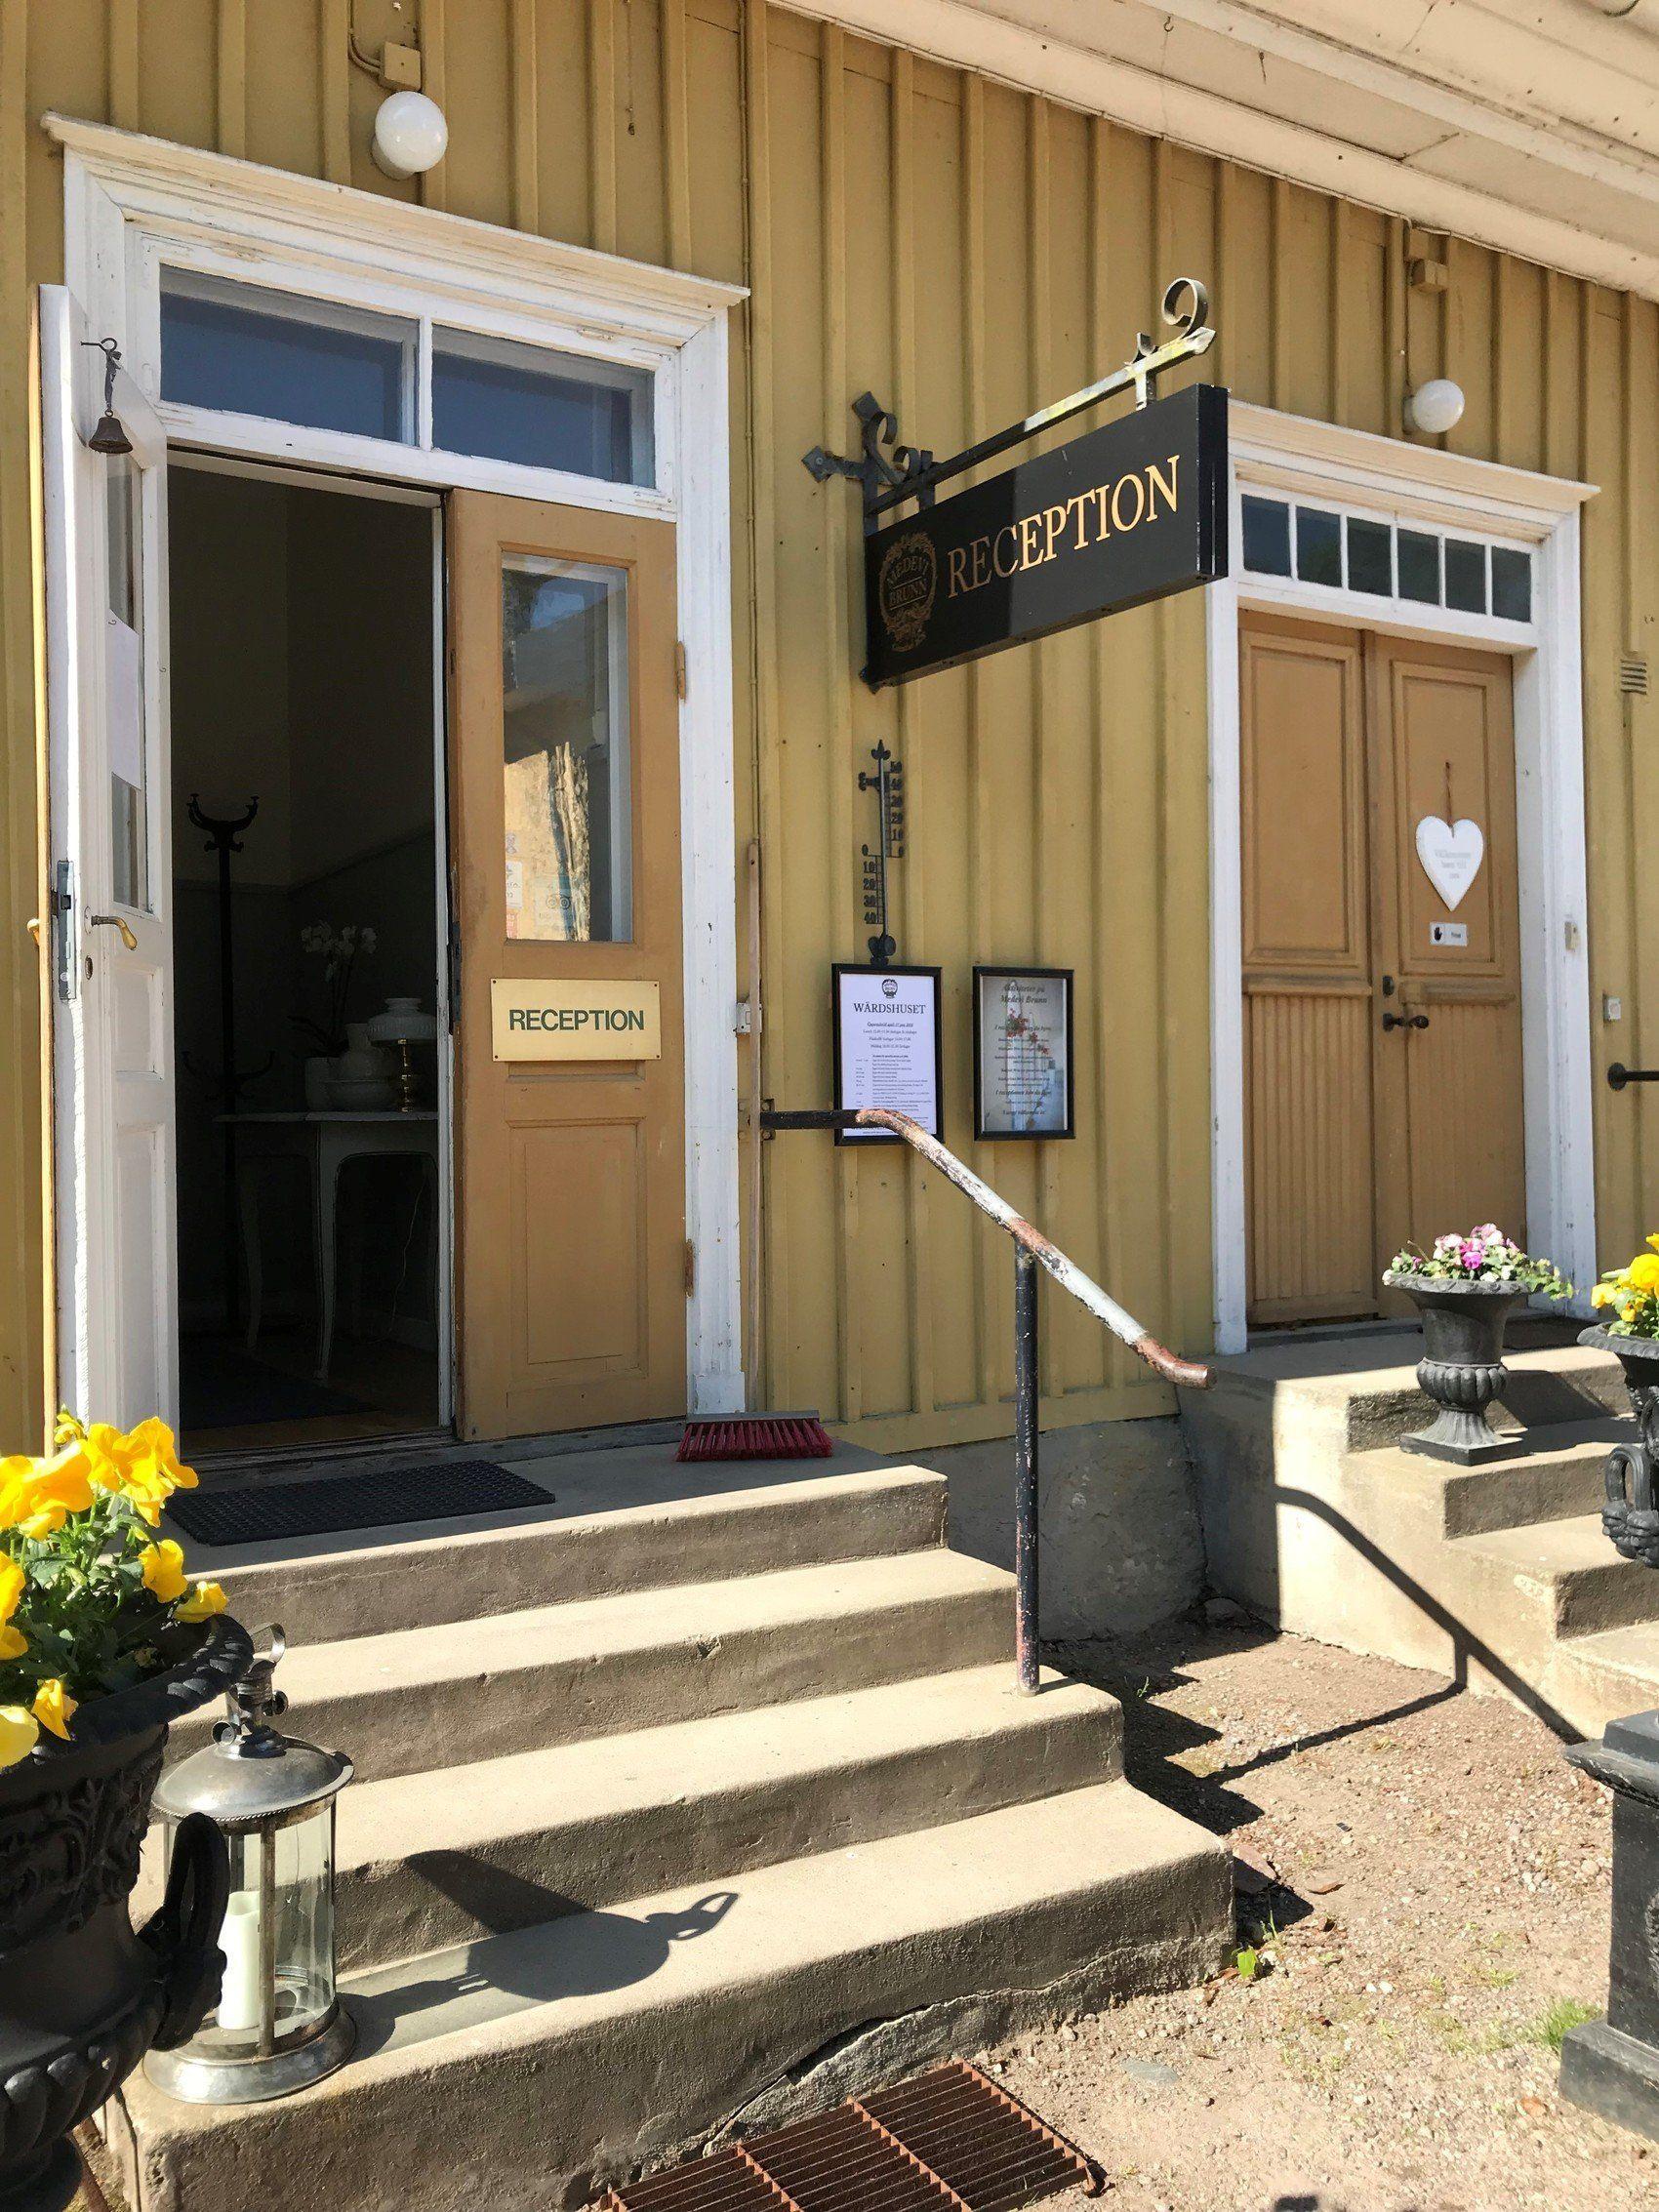 Entréen till Hotell Medevi Brunn. En liten stentrappa leder upp till en öppen dörr i en byggnad med gul träpanel.